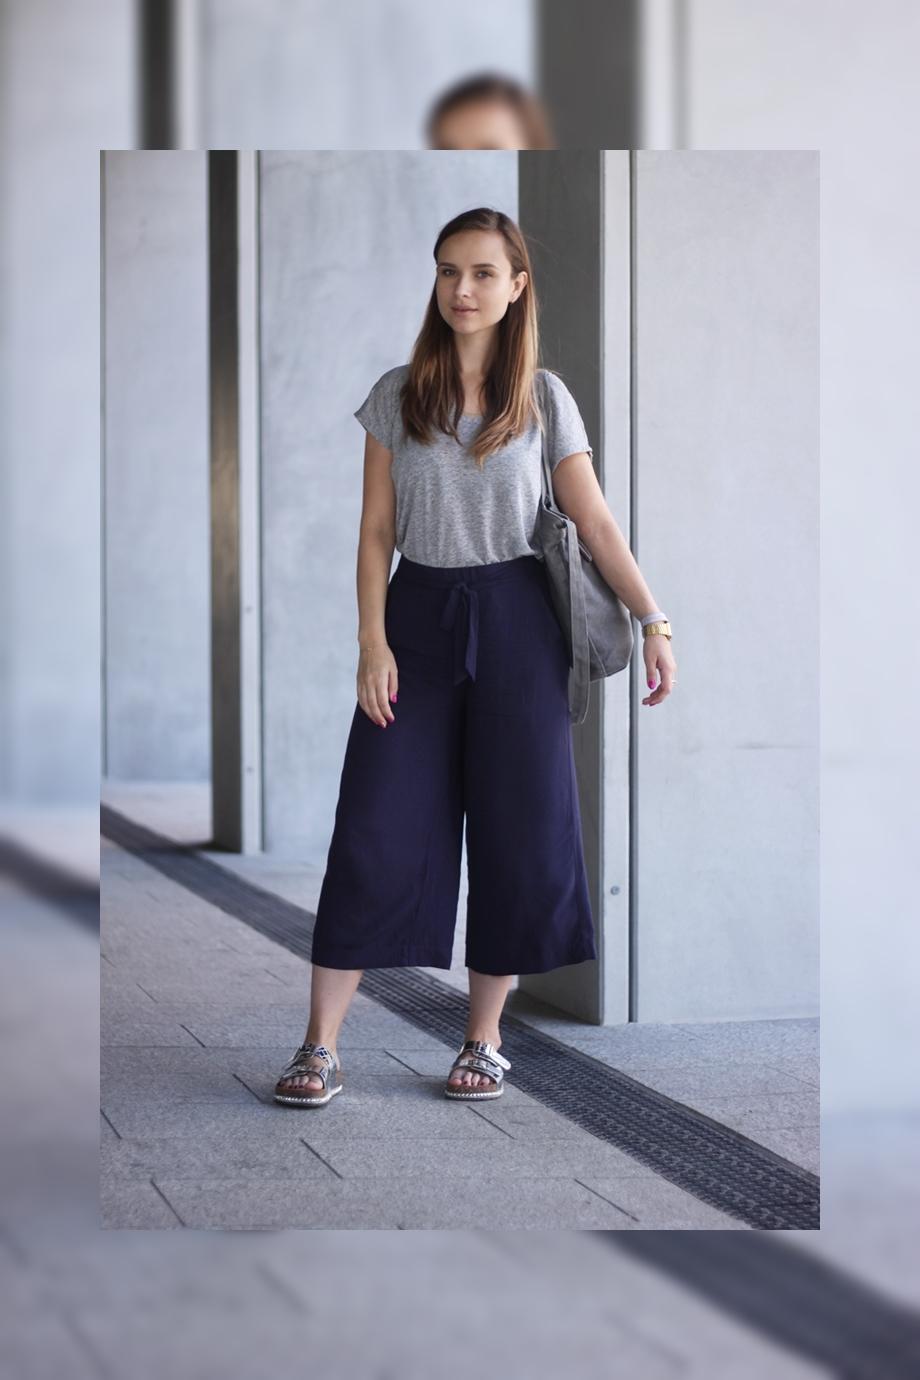 Stylizacja ze spodniami culottes